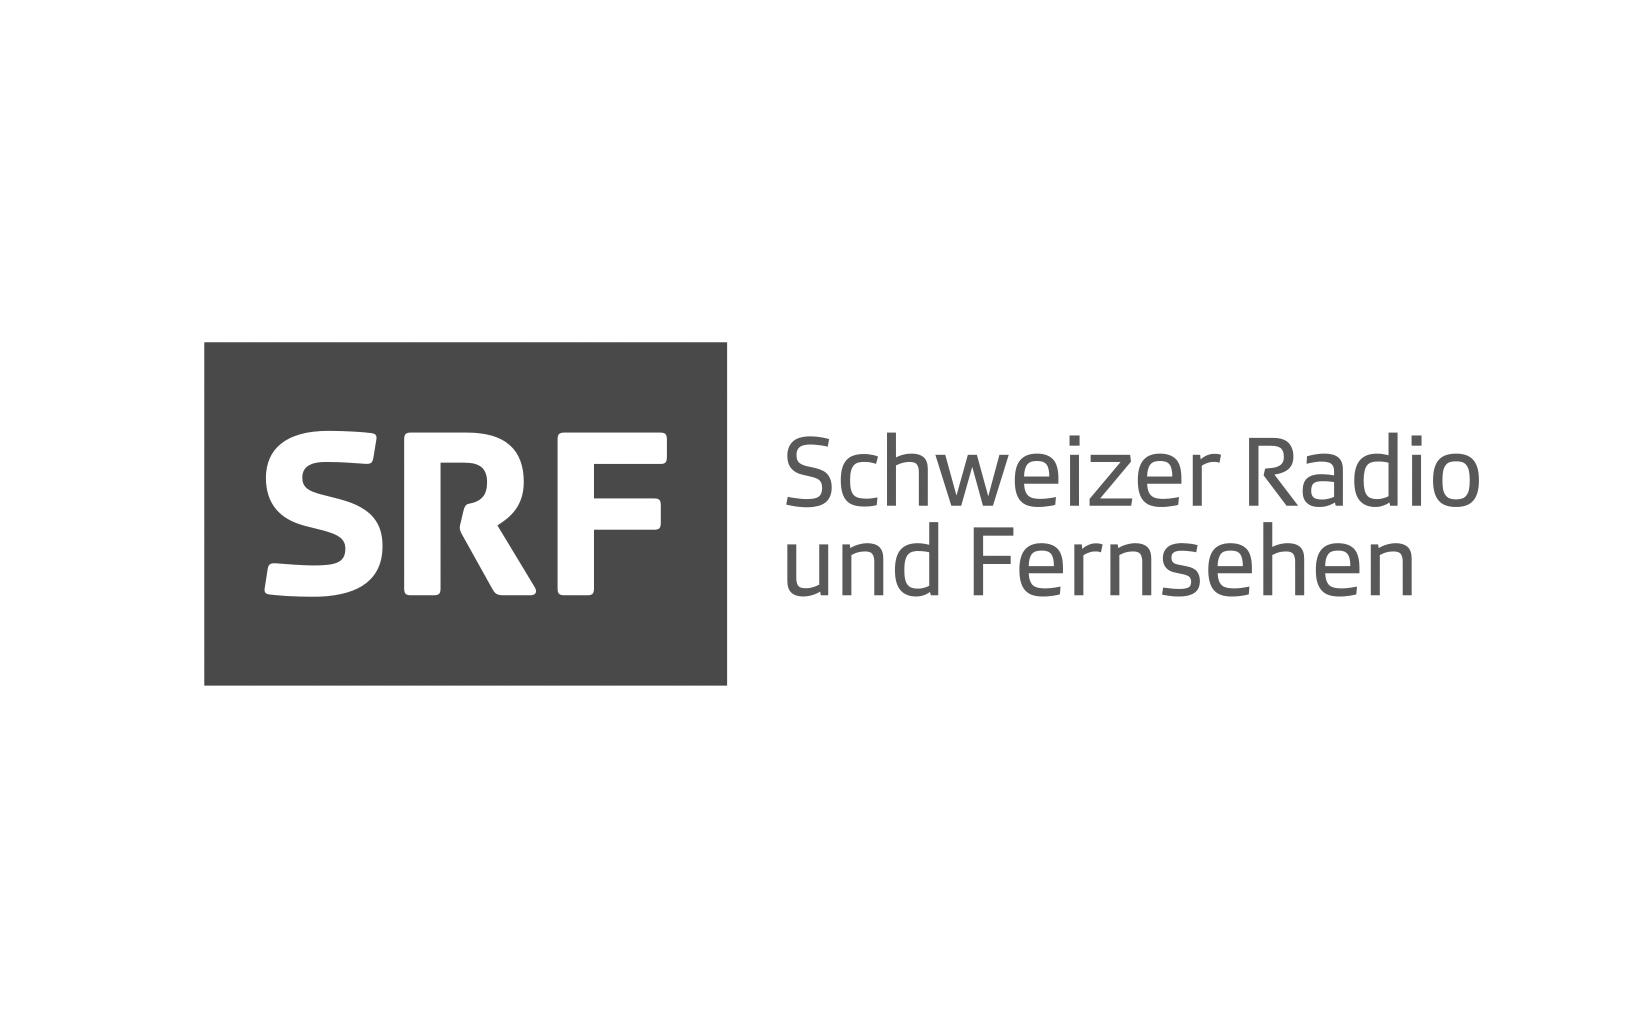 Ein zufriedener Kunde: SRF